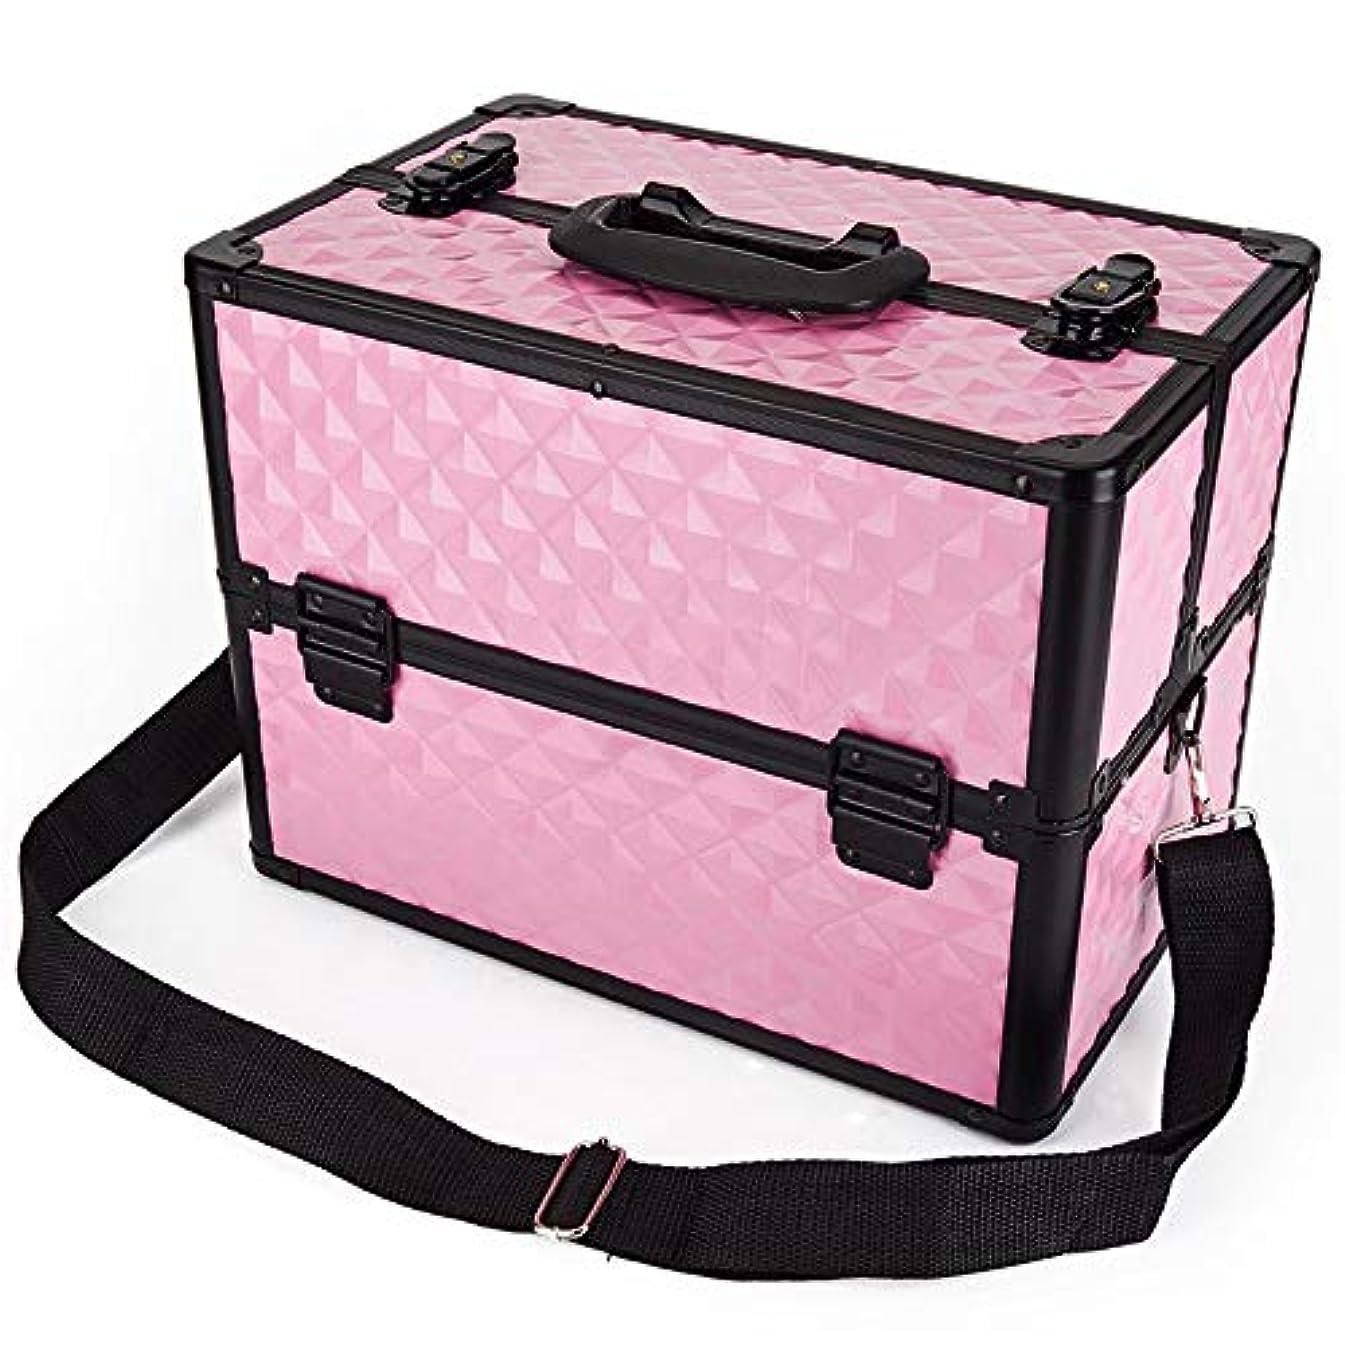 酸化物ハプニング死にかけている化粧オーガナイザーバッグ 多機能ポータブルプロの旅行メイクアップバッグパターンメイクアップアーティストケーストレインボックス化粧品オーガナイザー収納用十代の女の子女性アーティスト 化粧品ケース (色 : ピンク)